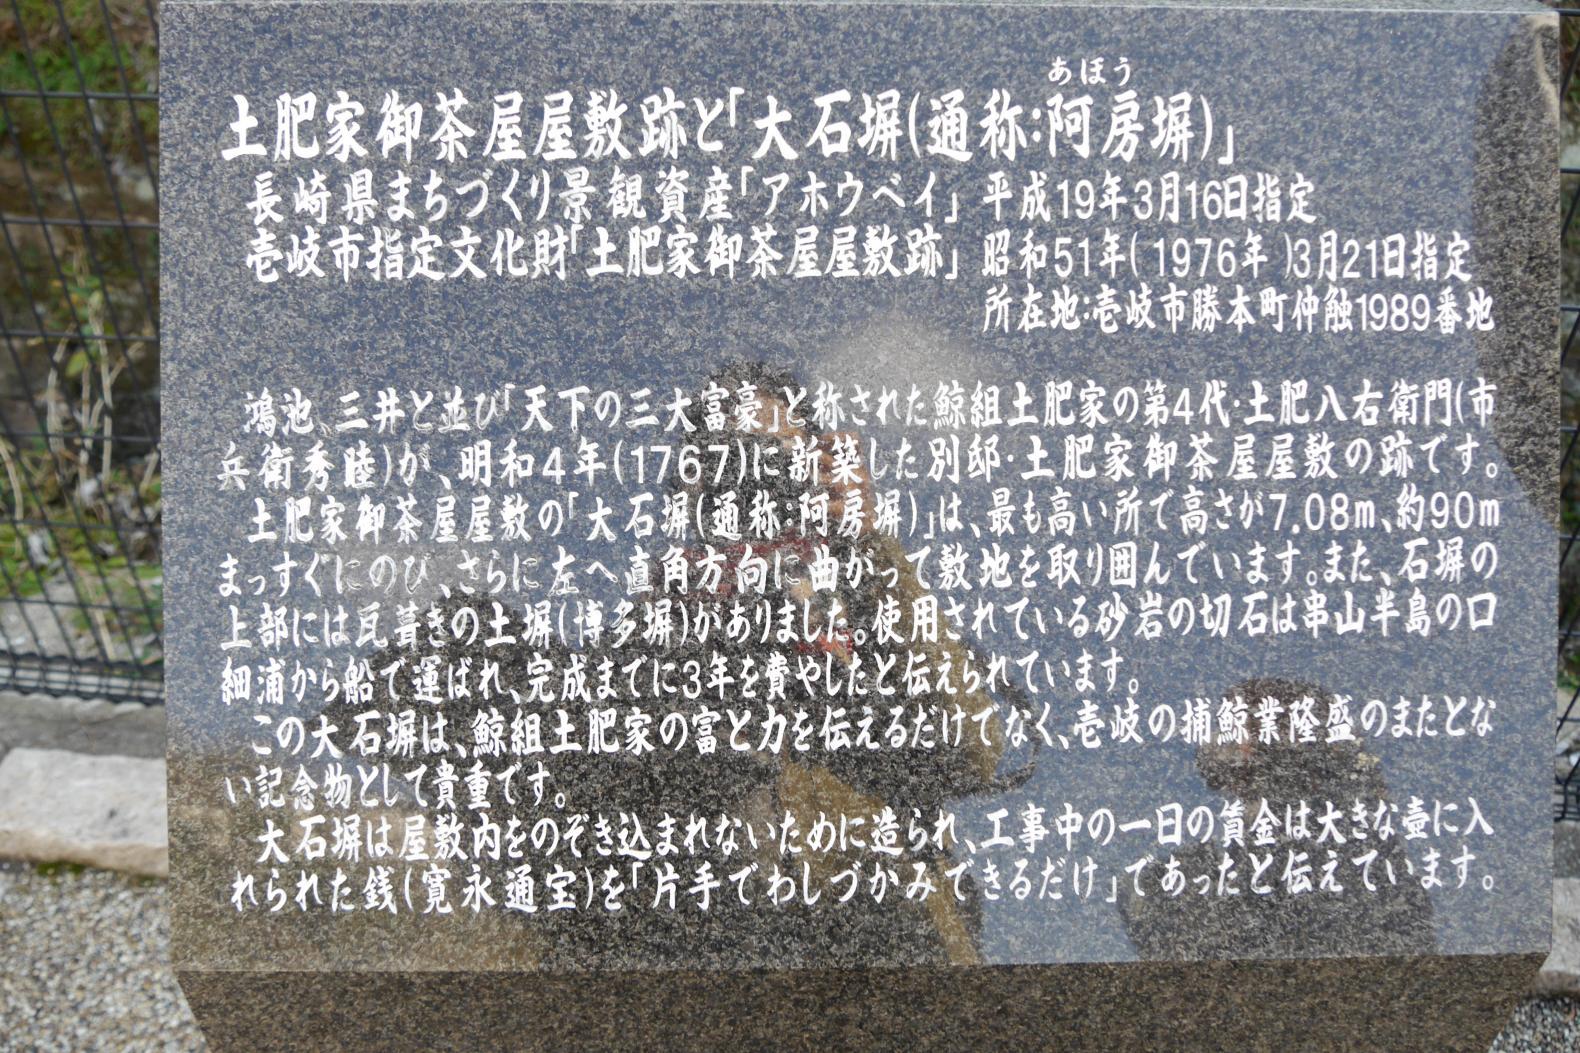 大石塀(通称:阿房塀)とお茶屋屋敷跡-2